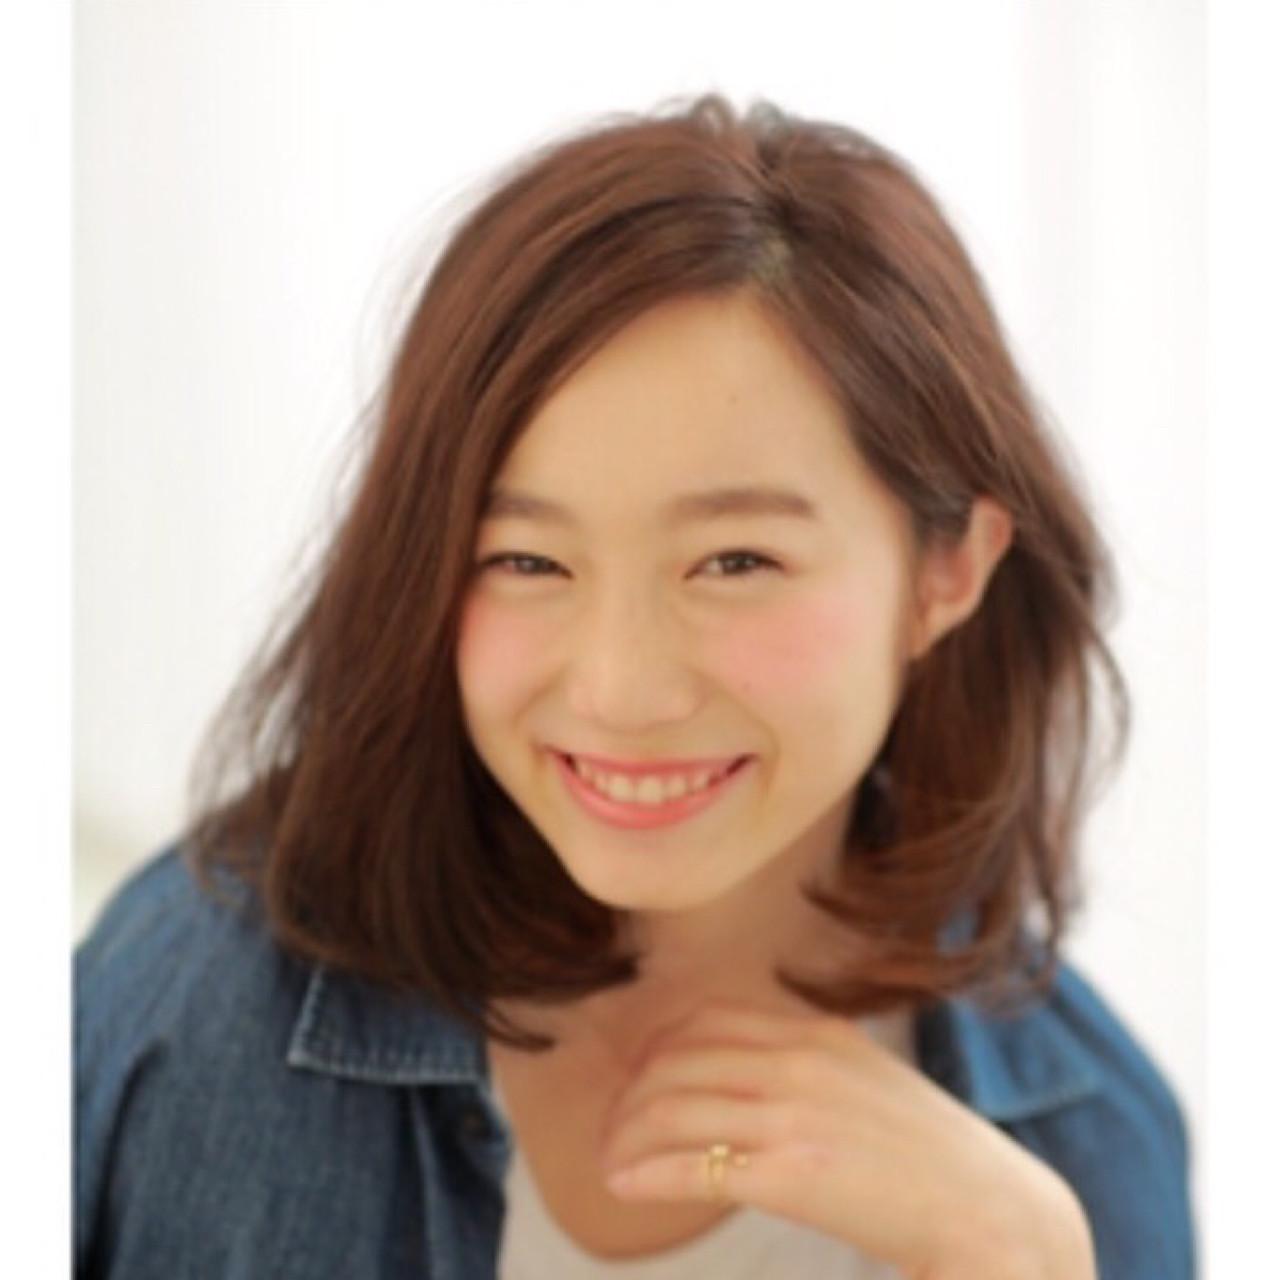 可愛いからハンサムまで♡ワンレン×ショートボブの髪型スタイル 中田慎吾